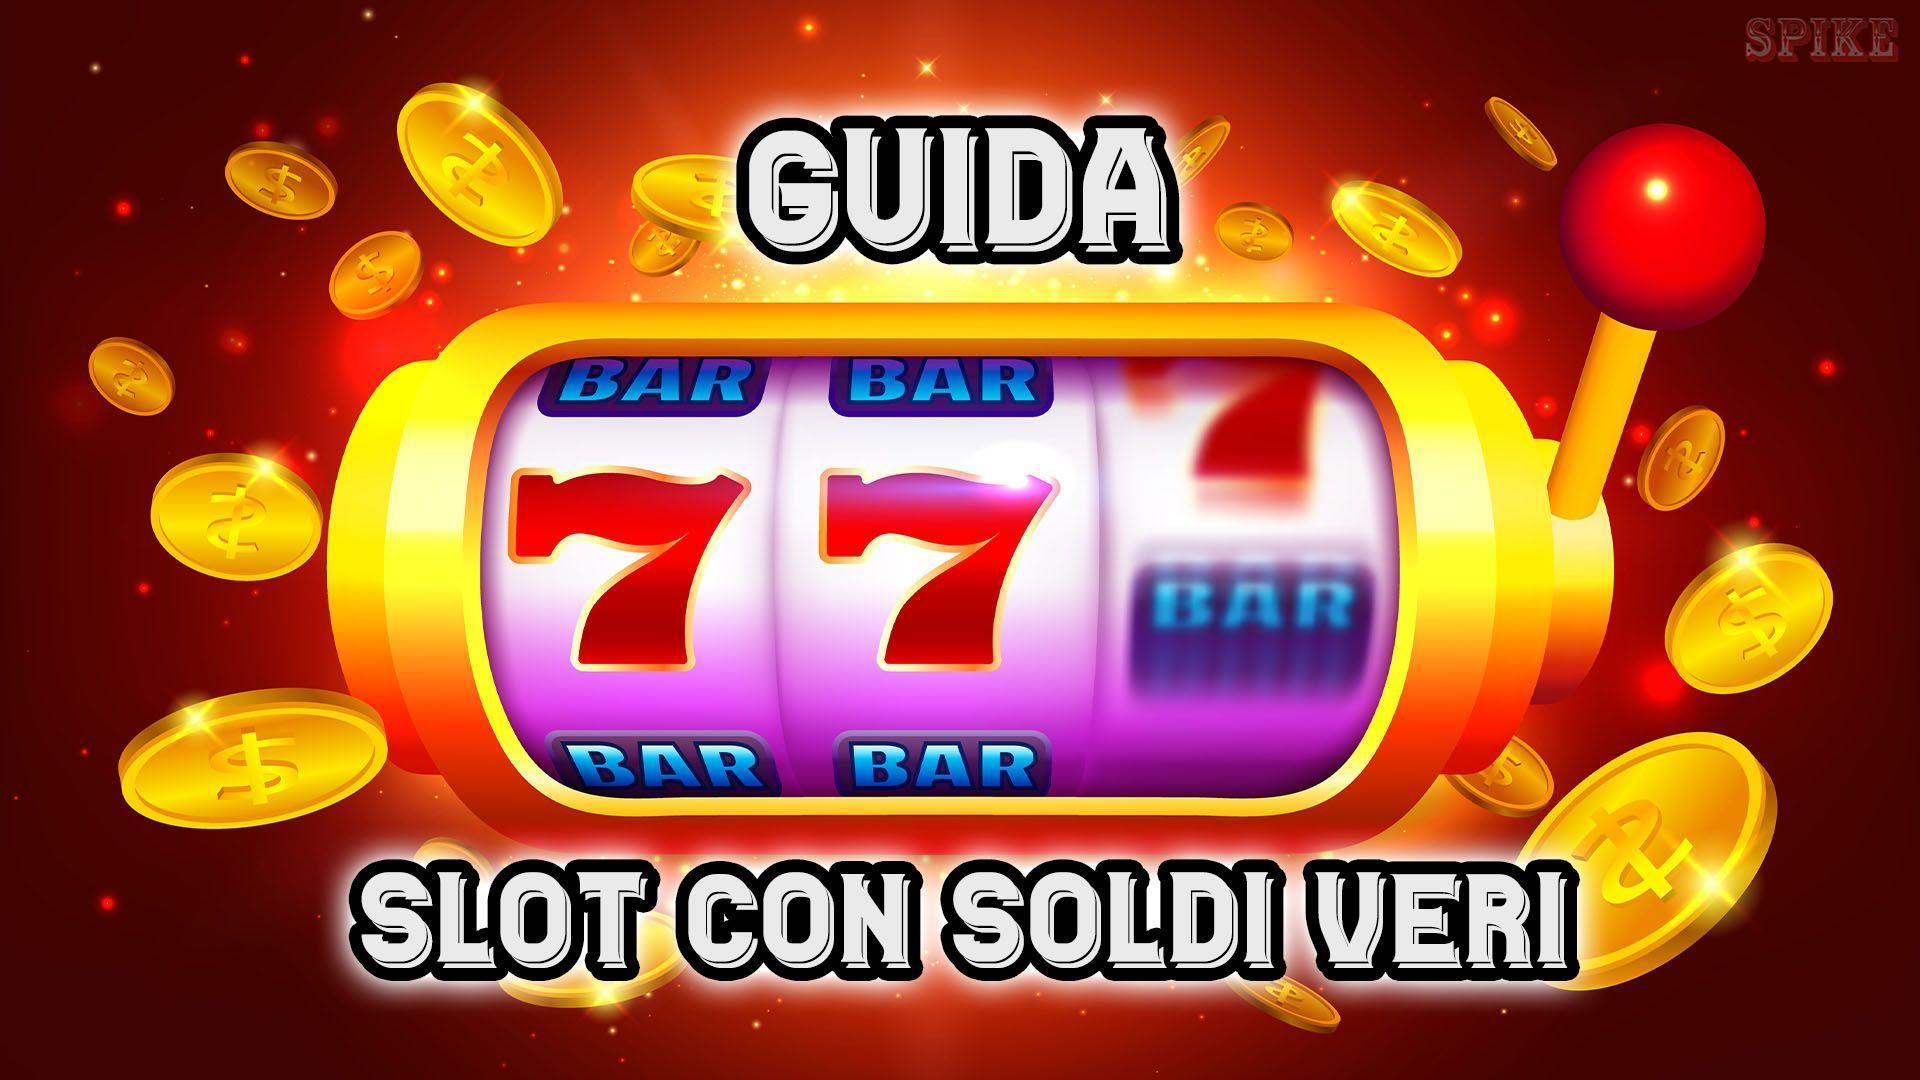 Guida Slot Online Soldi Veri Gratis